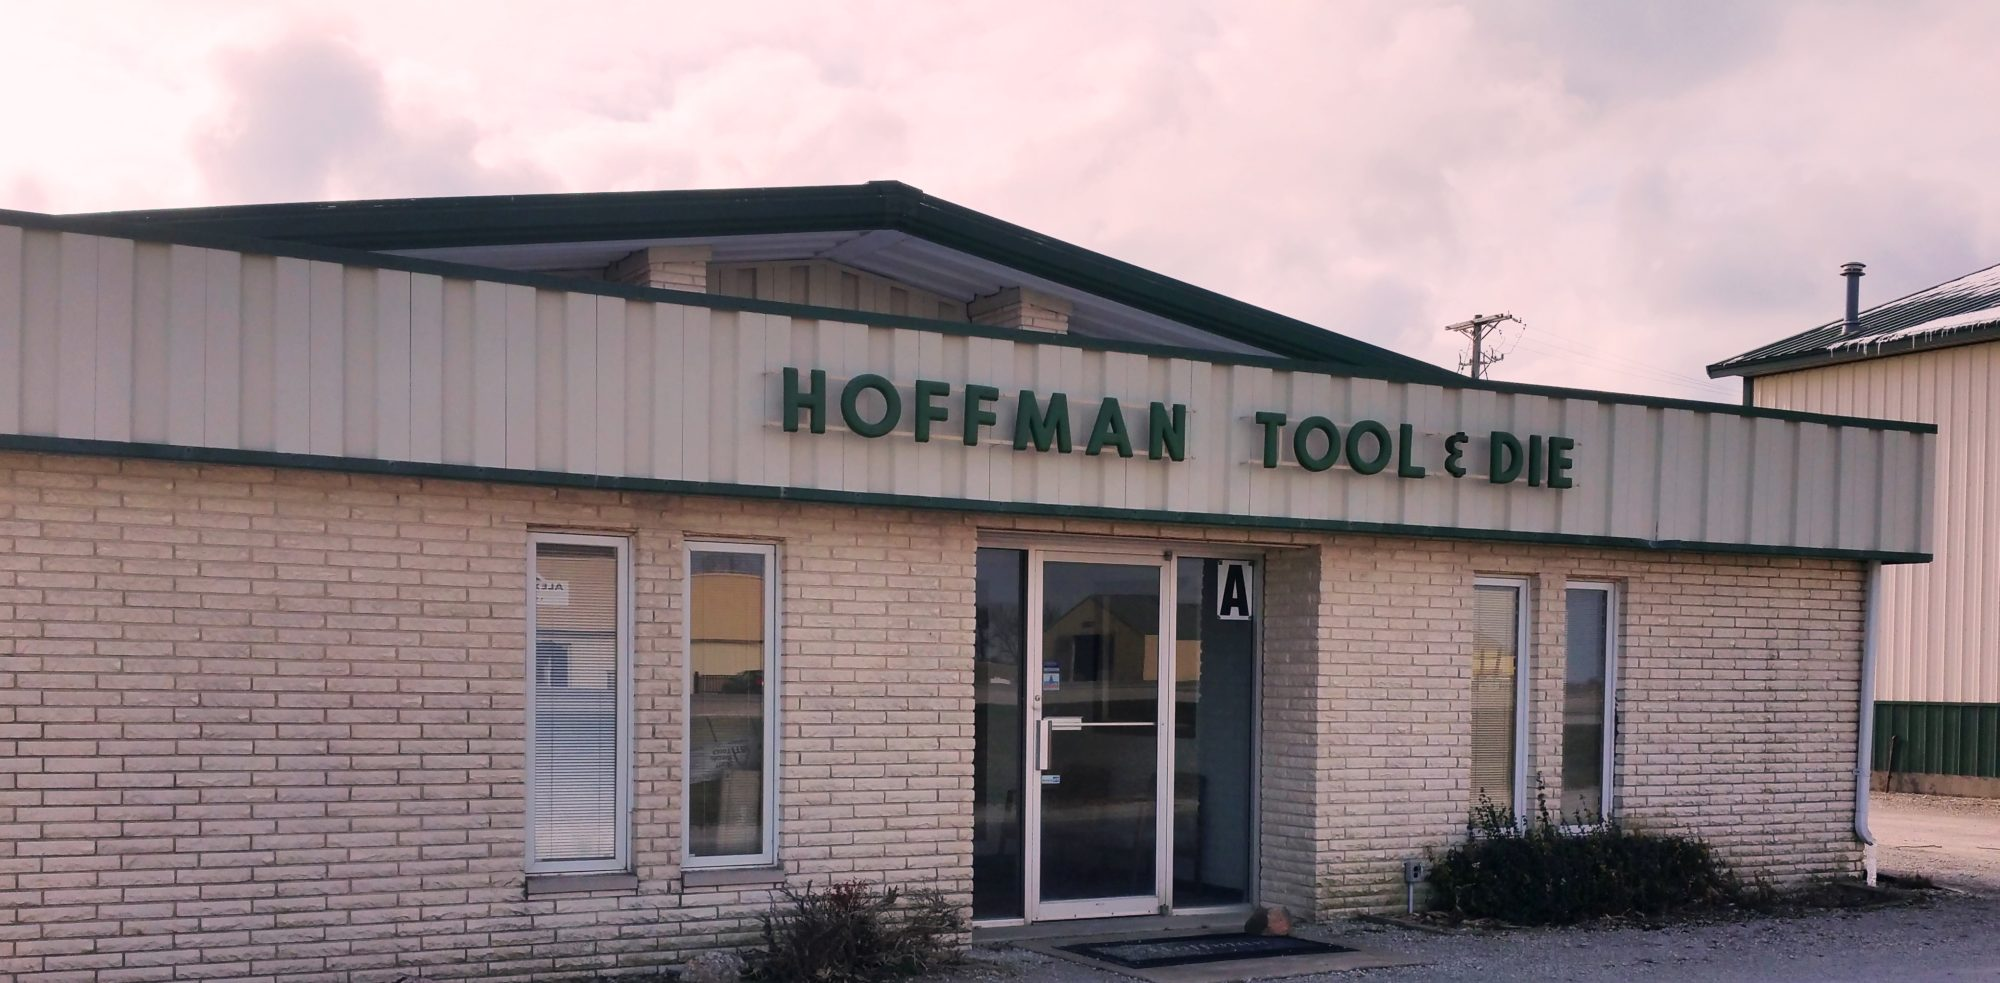 Hoffman Tool